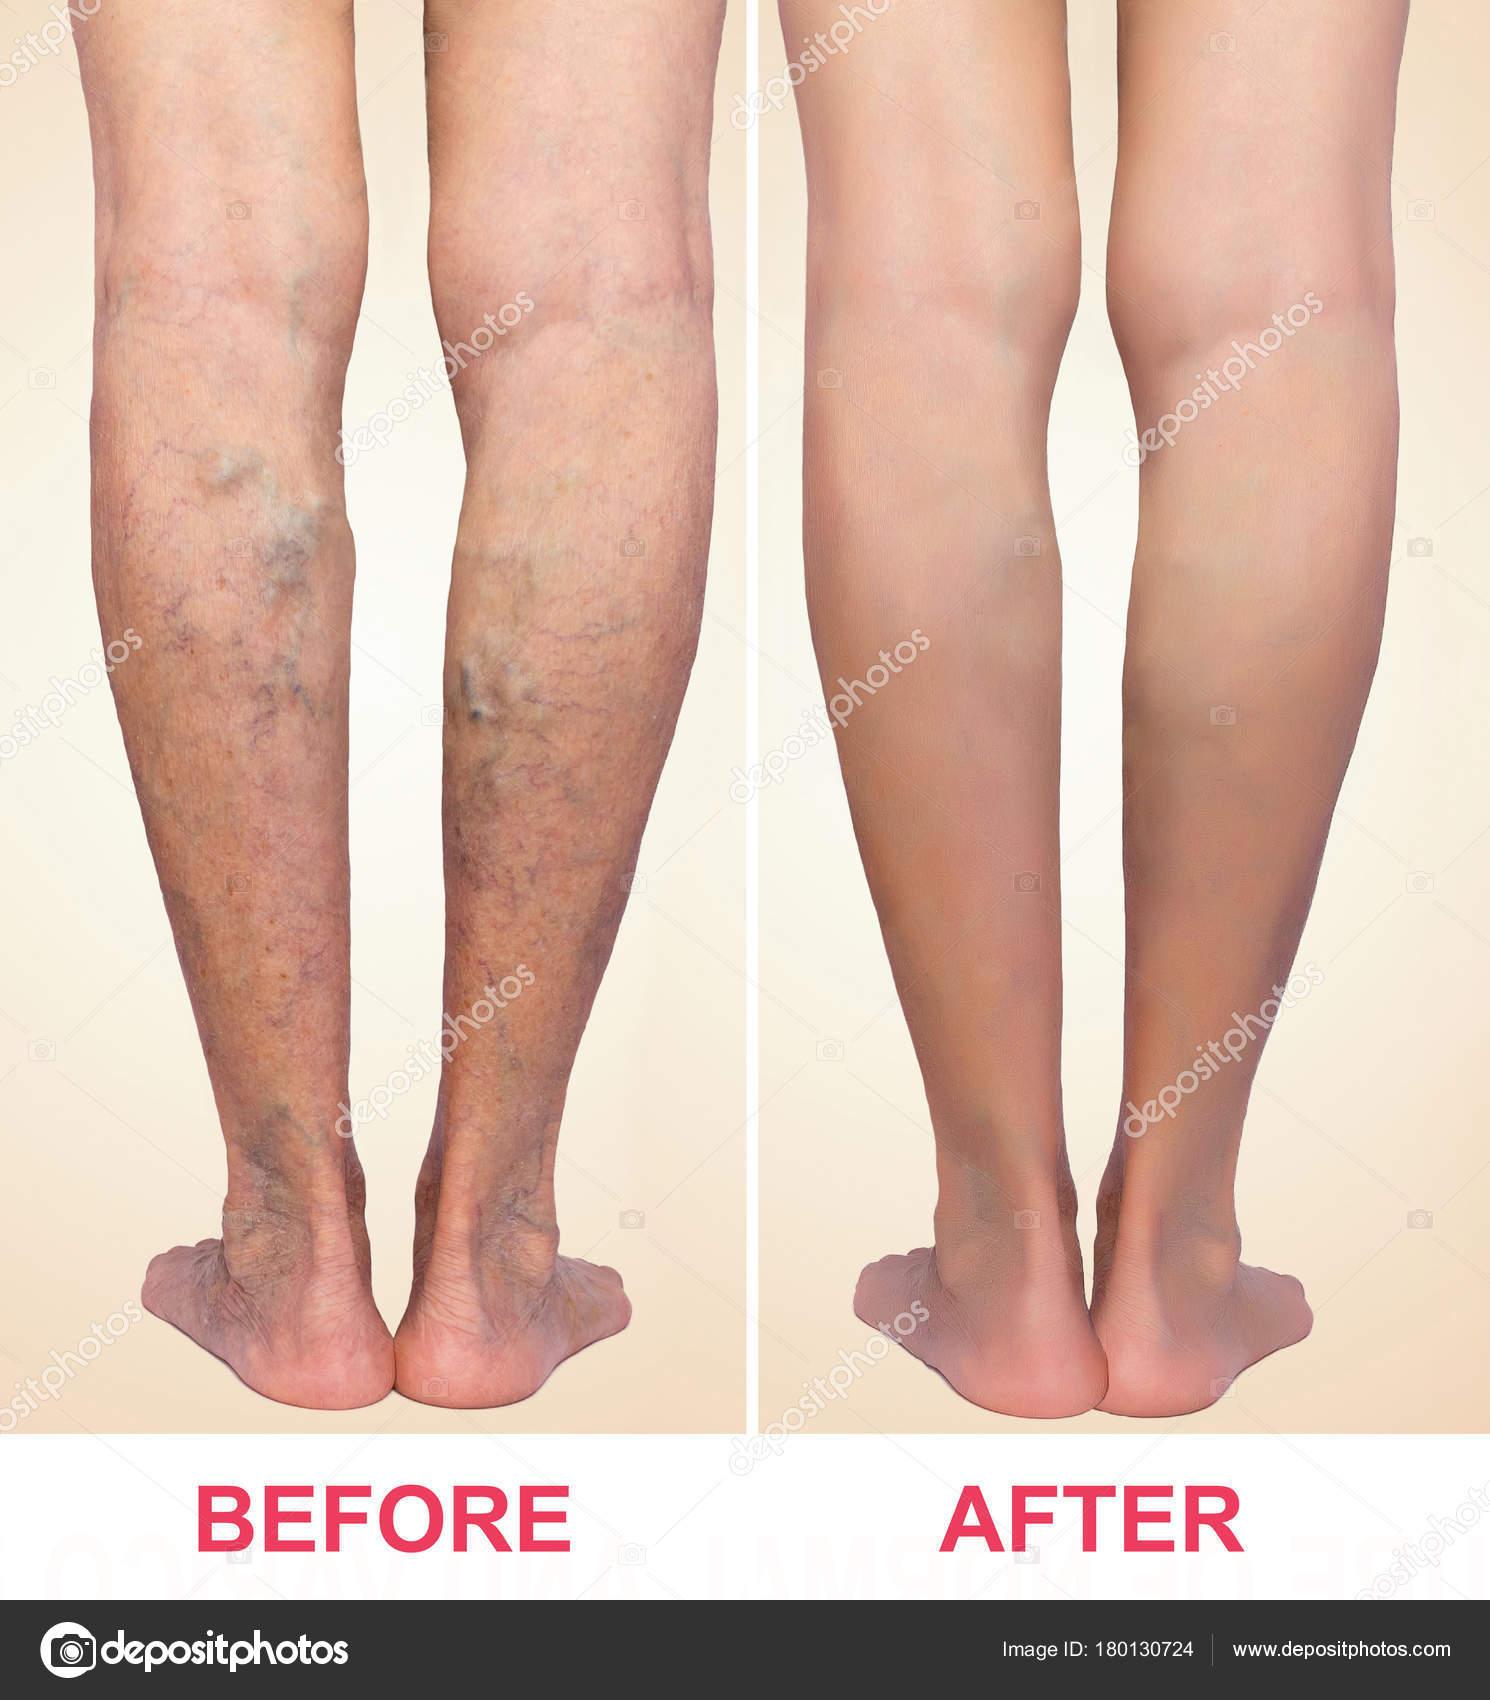 harisnya és zokni visszerek almaecet a varikózis kezelésére a lábakon